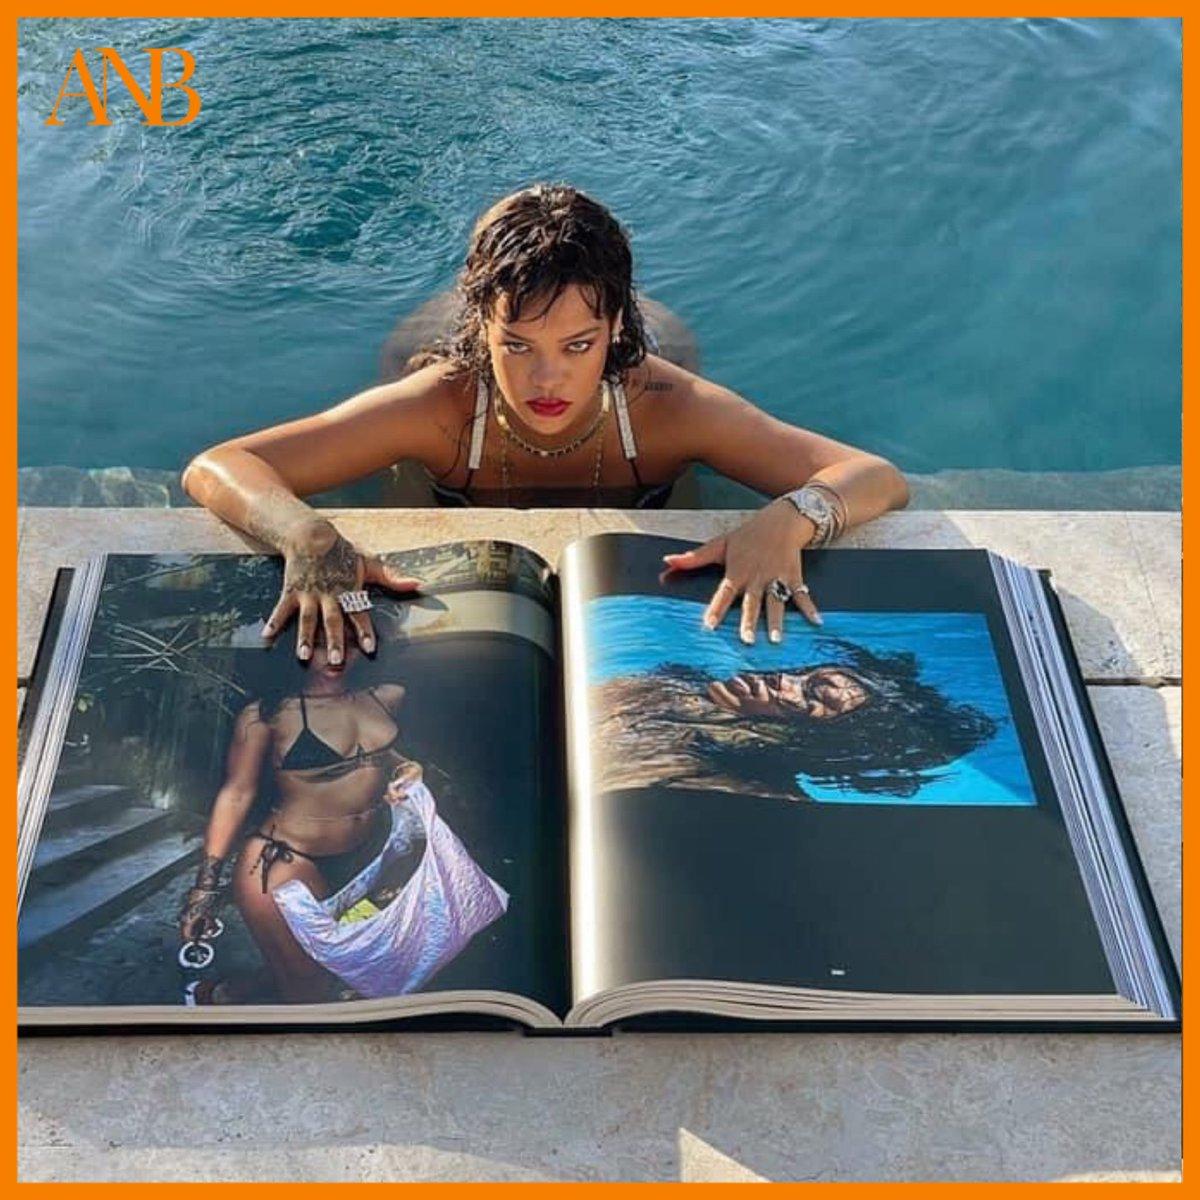 """[NEWS] @rihanna publie son livre autobiographique avec 1050 photographies inédites.  """"The Rihanna Book"""" est en édition limitée, seulement 500 exemplaires sont édités et vendus à presque 1.000.000 Fcfa l'unité 🤩 - #anousbamako #anbmagazine #rihanna #therihannabook"""